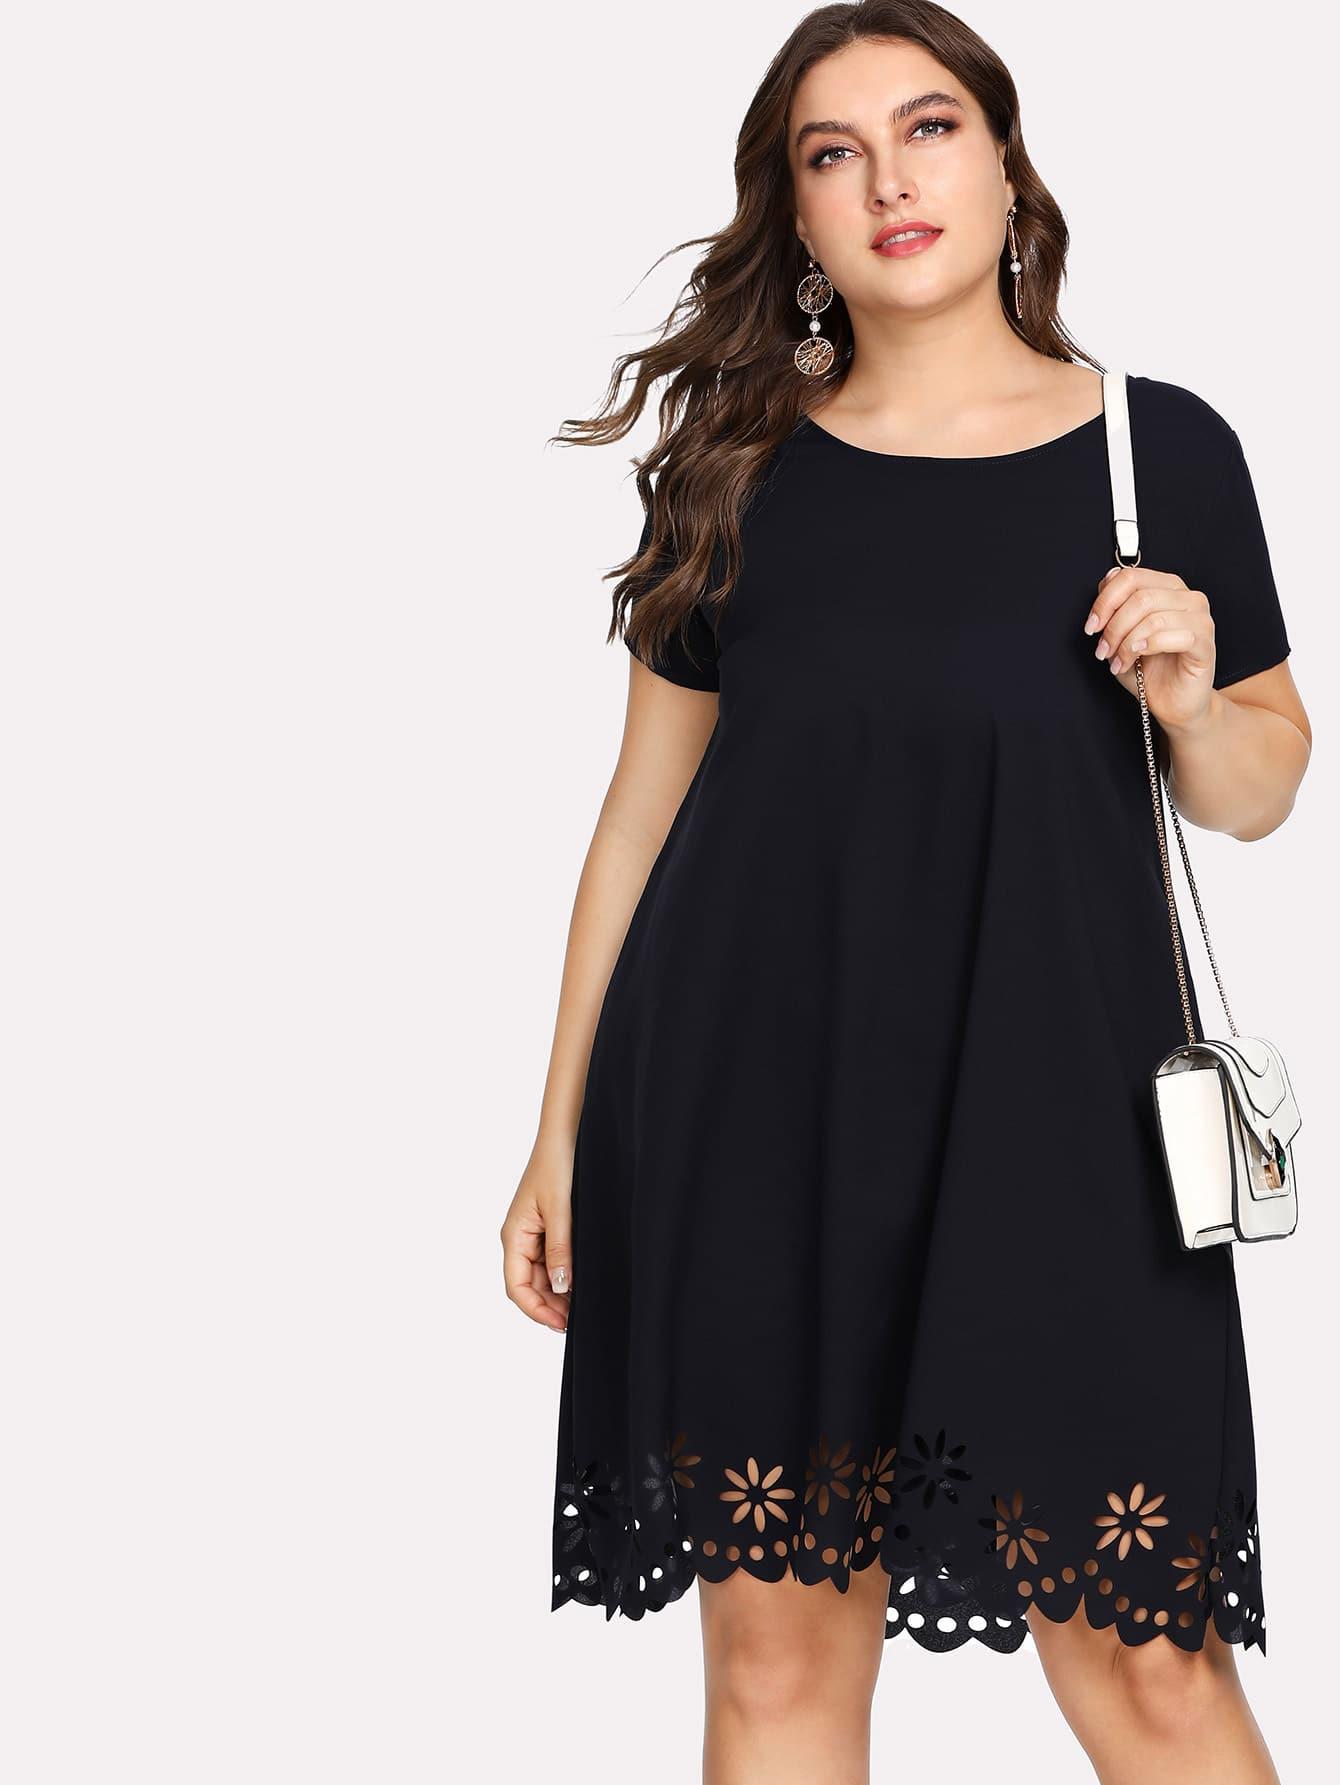 Купить Модное платье с узором и фестонами, Franziska, SheIn